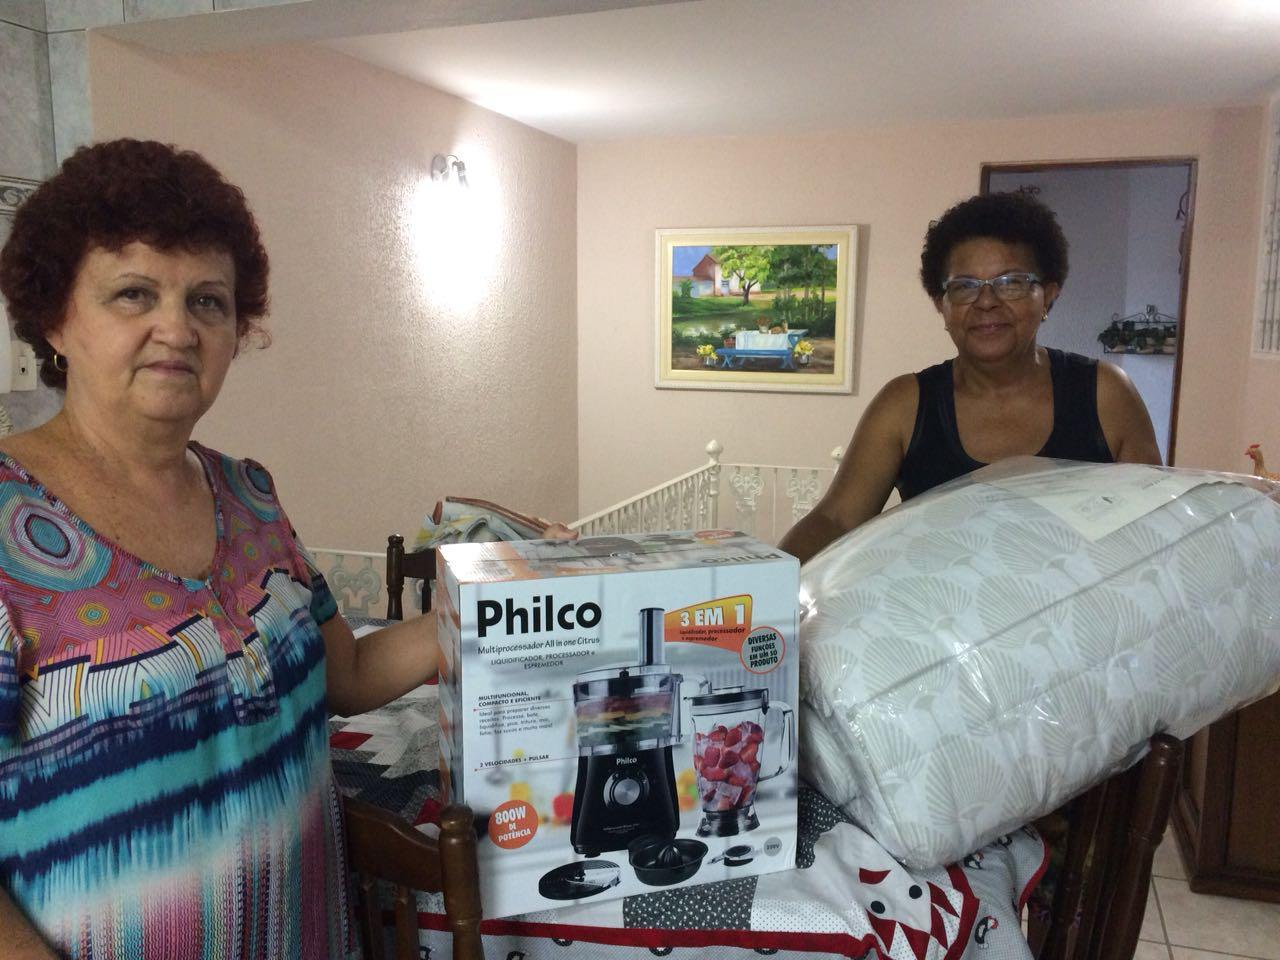 Compra e entrega de um edredom e um processador de alimentos para Igreja Santa Ana.